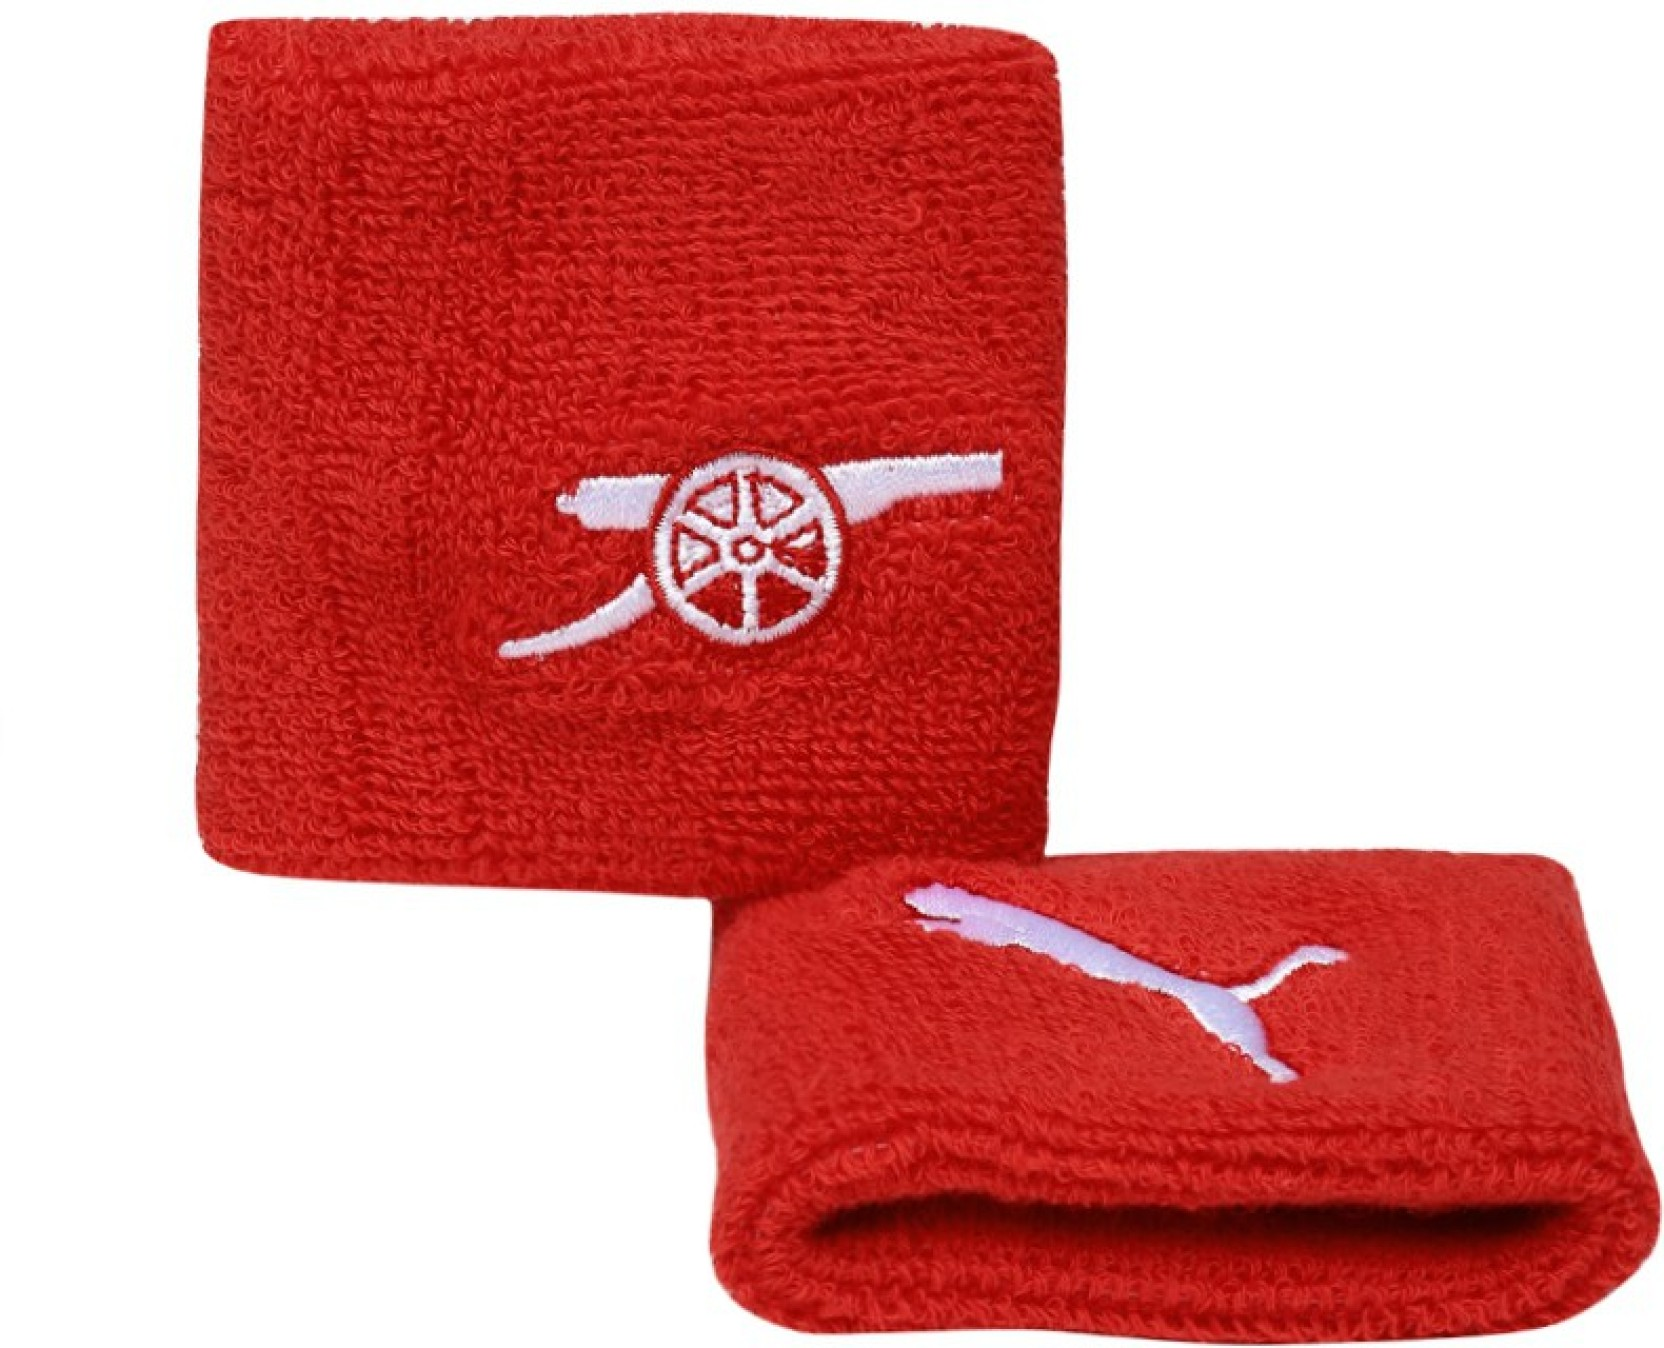 Red Buy Arsenal Fitness Sweat Puma Band White zqxSUwYt